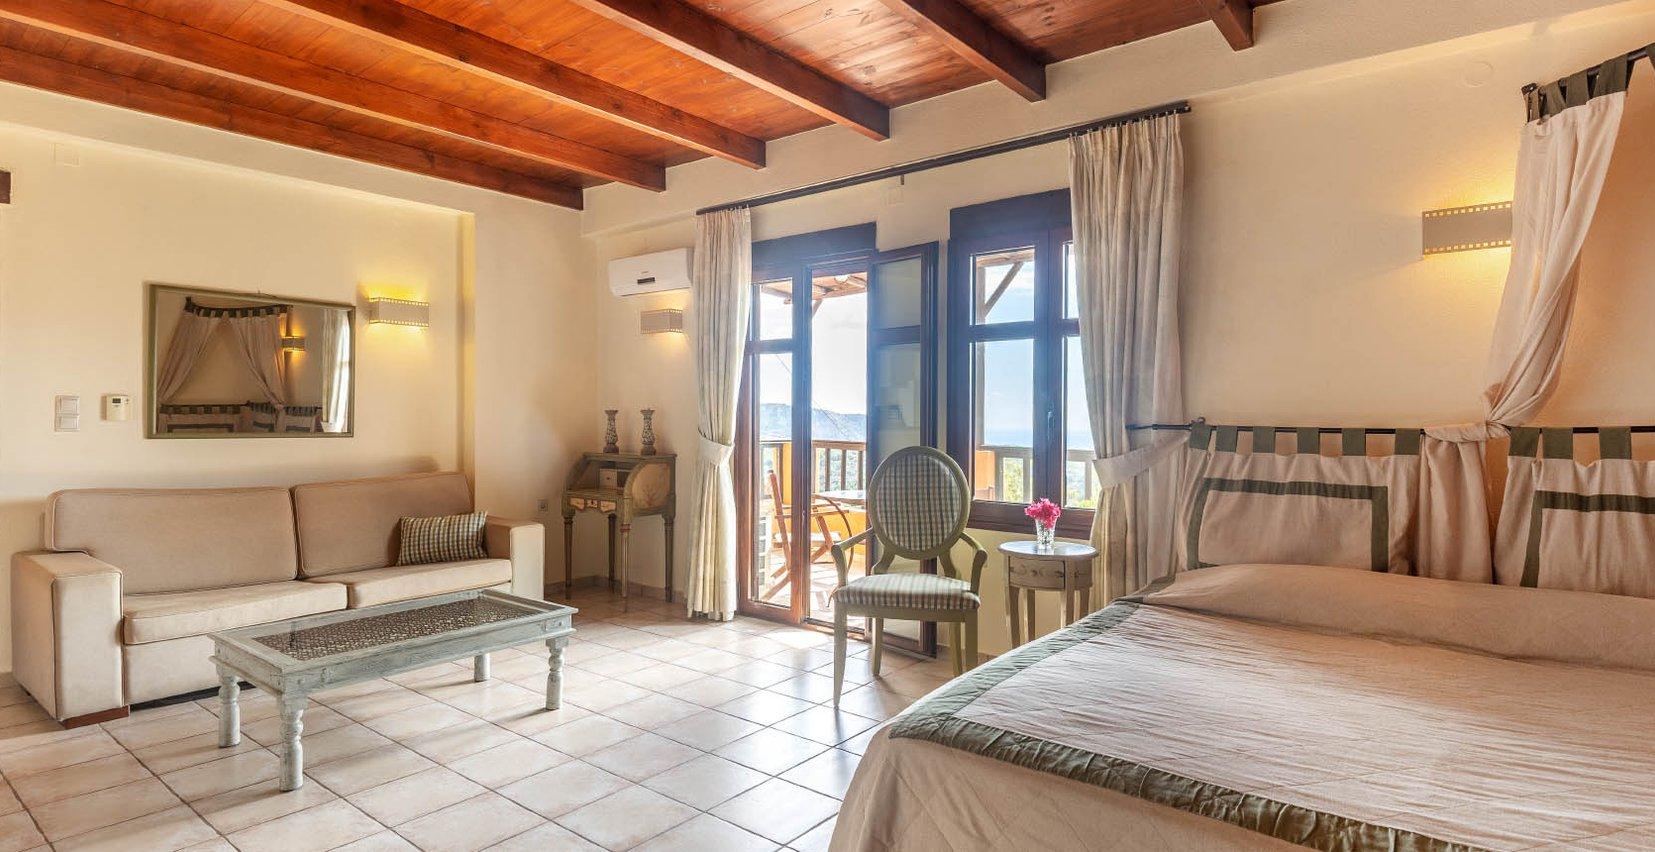 Το εσωτερικό απο την κατοικία Μαντζουράνα του Mala Villa με τον καναπέ, το τραπεζάκι του καφέ, τα μοντέρνα φώτα, τις μπαλκονόπορτες και το τεράστιο κρεβάτι